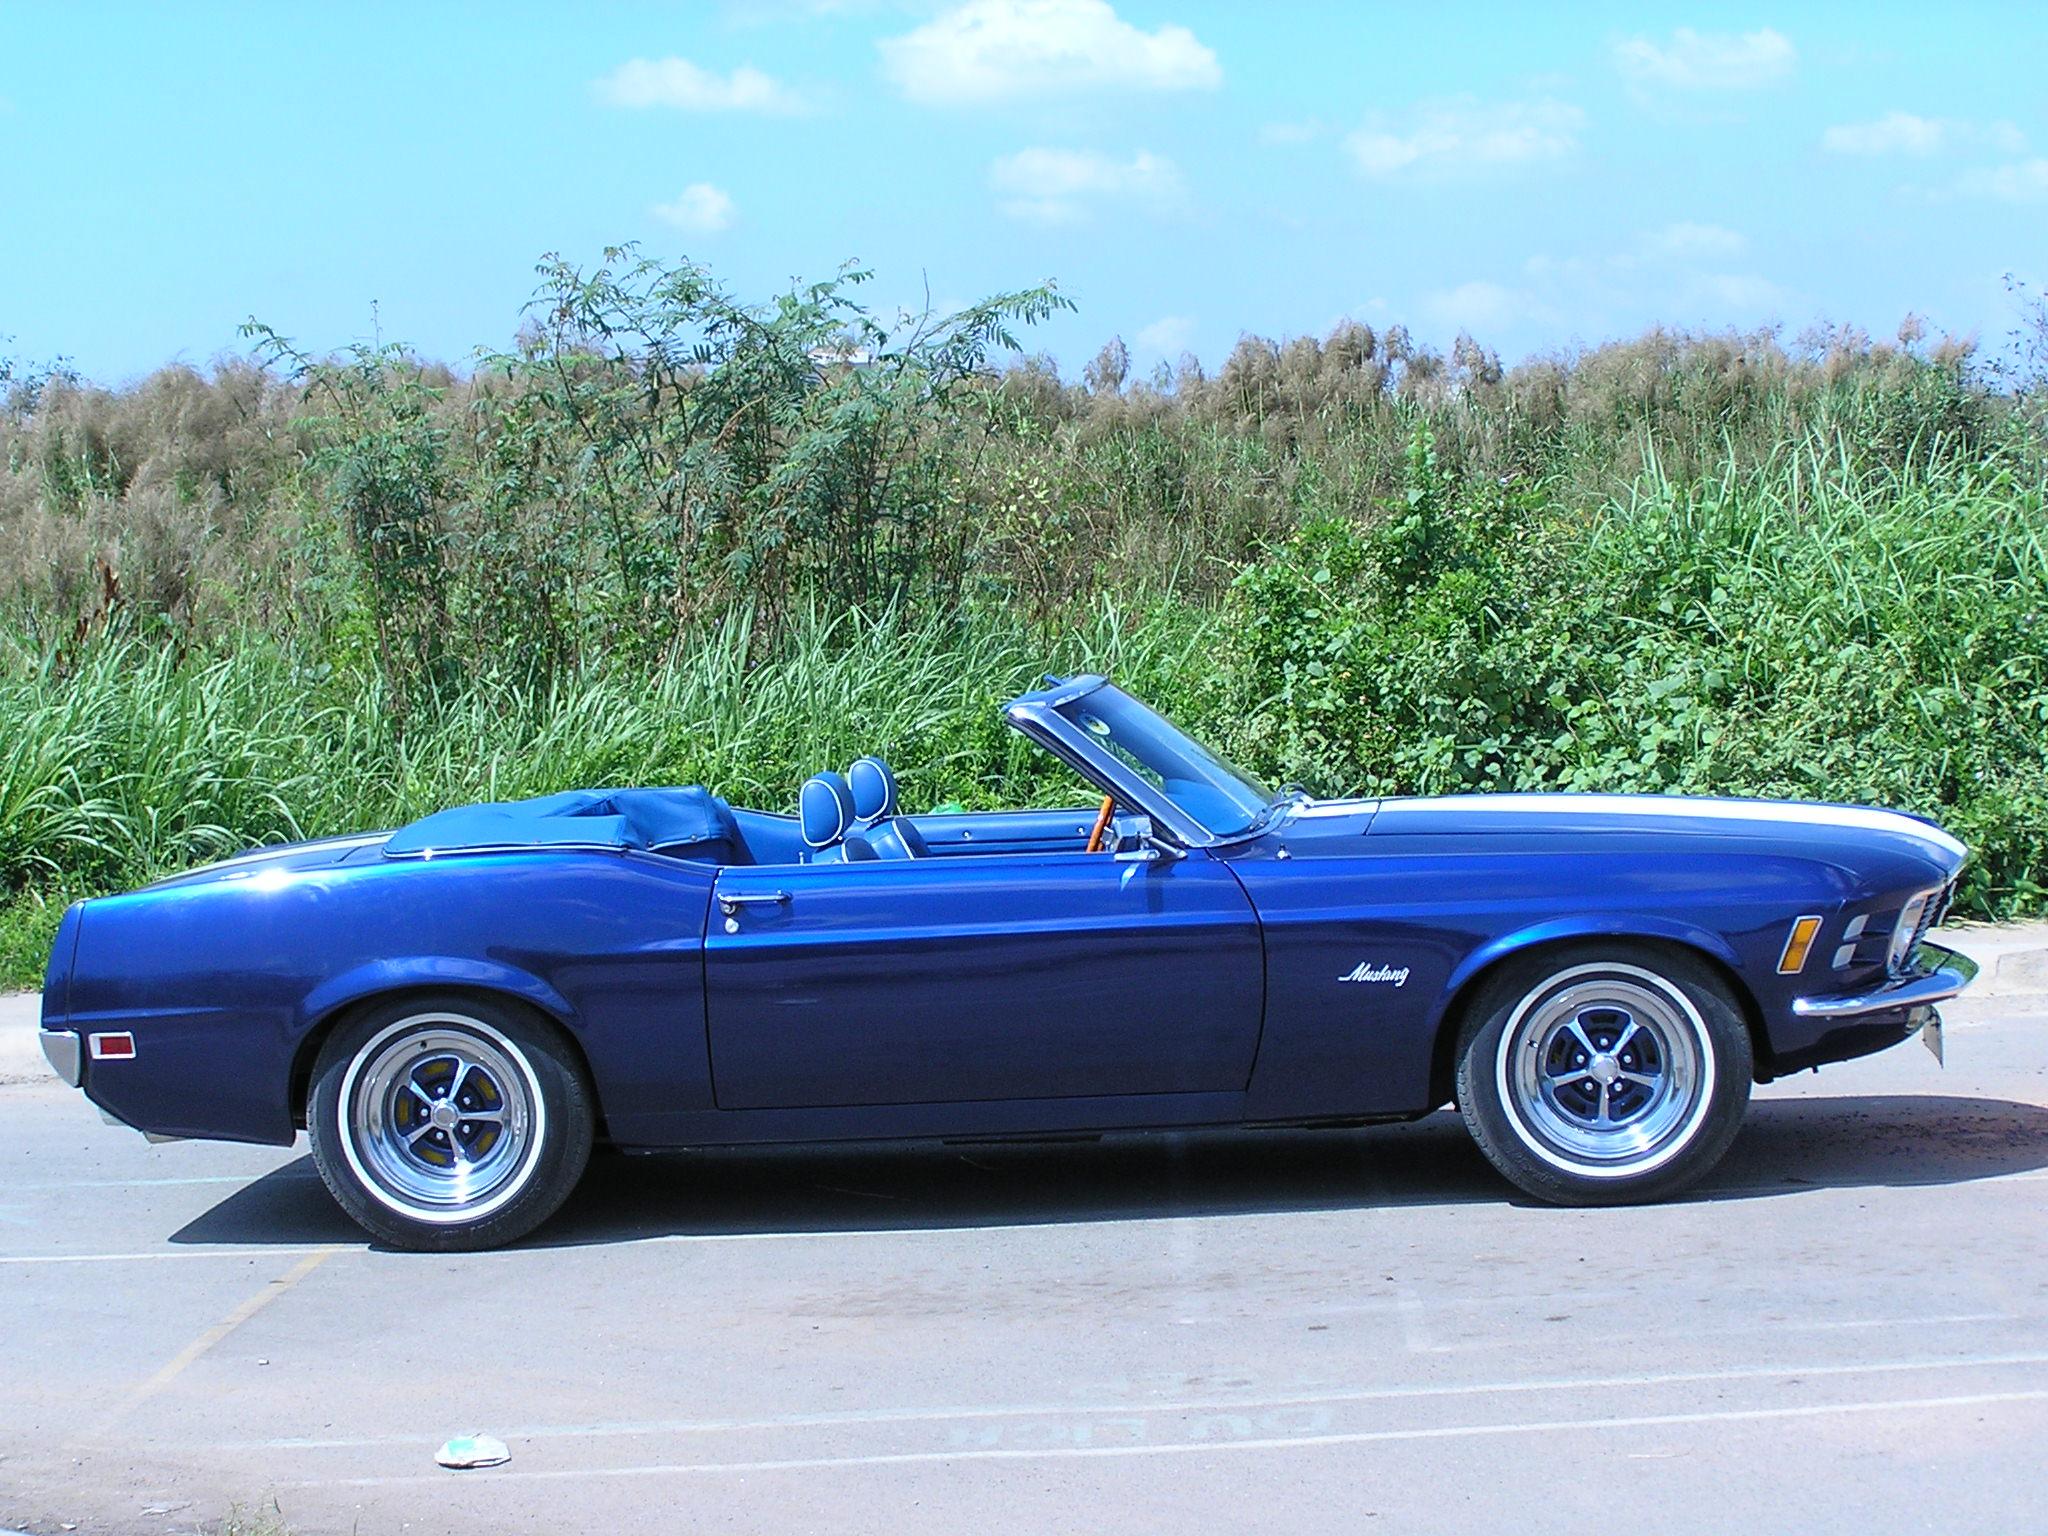 Khám phá xe cổ Ford Mustang 1970 tại Sài Gòn_2